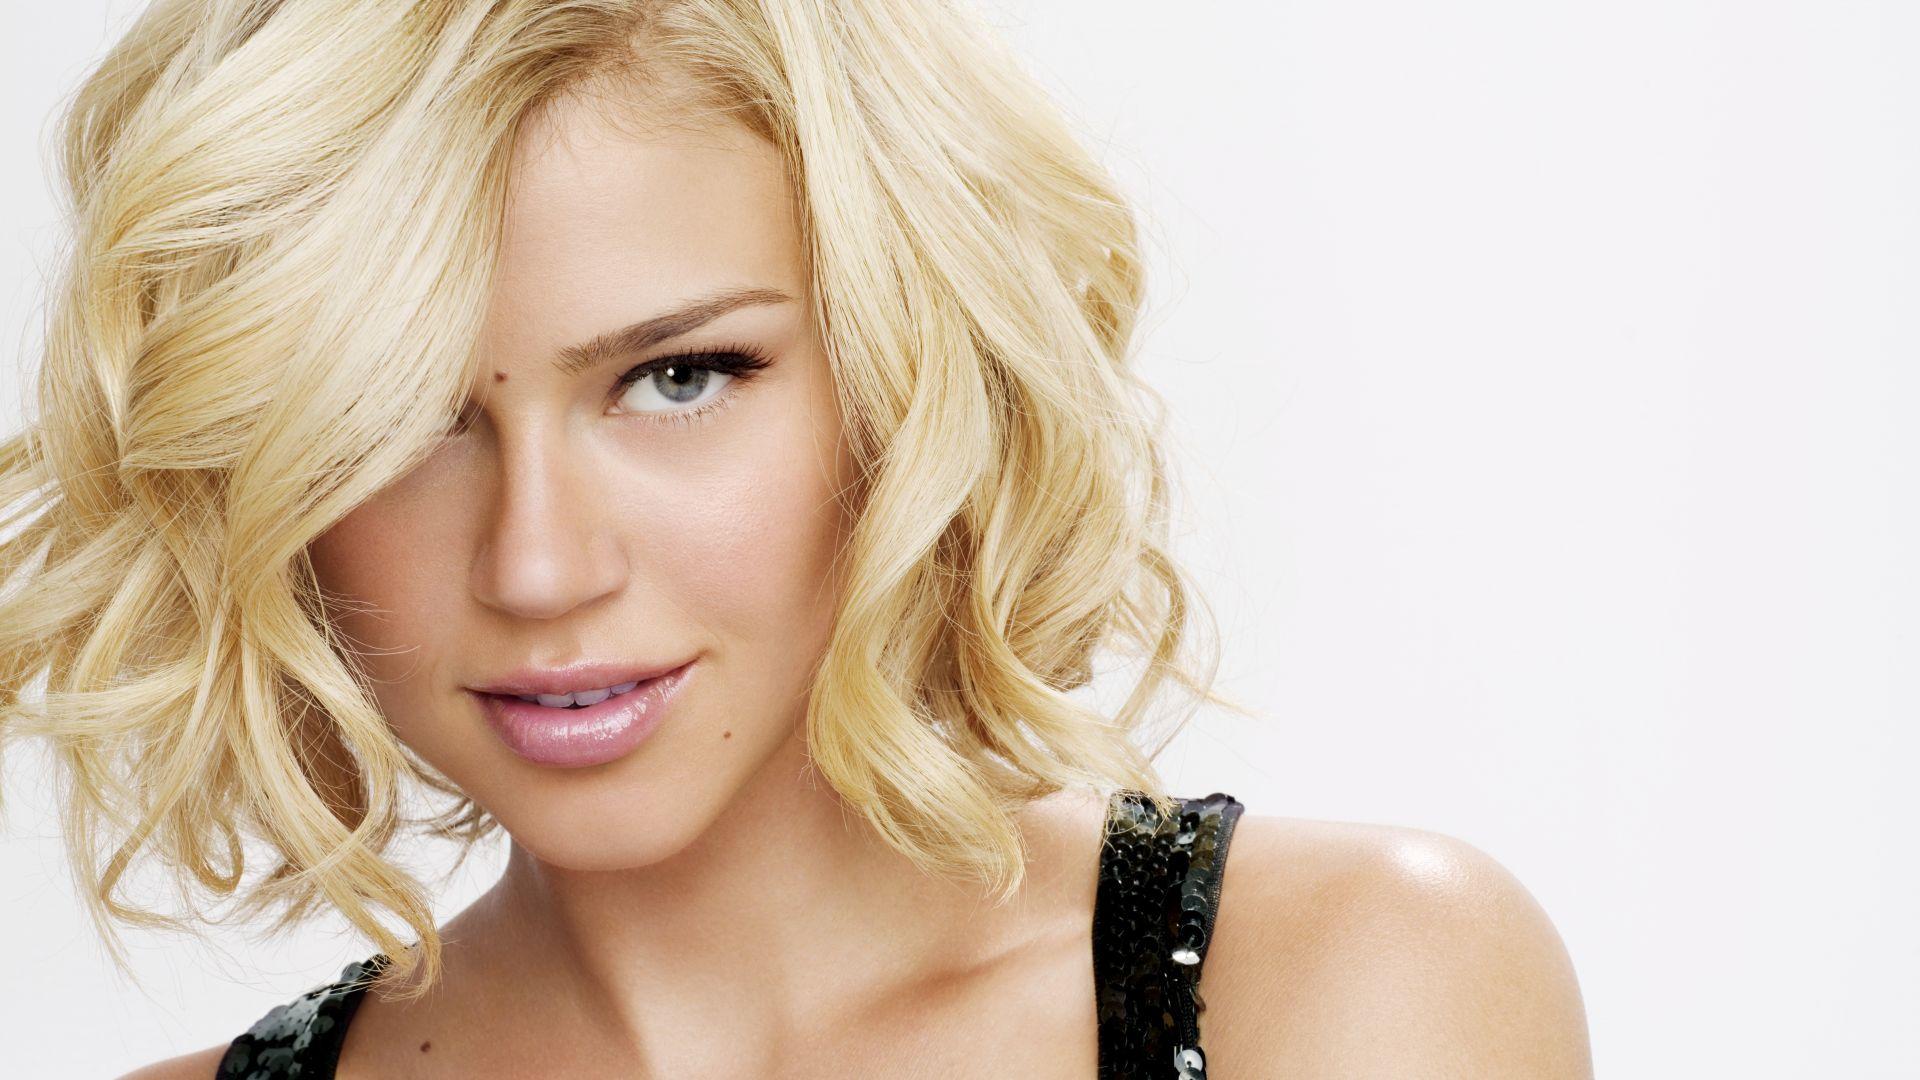 Wallpaper Adrianne Palicki, blonde celebrity